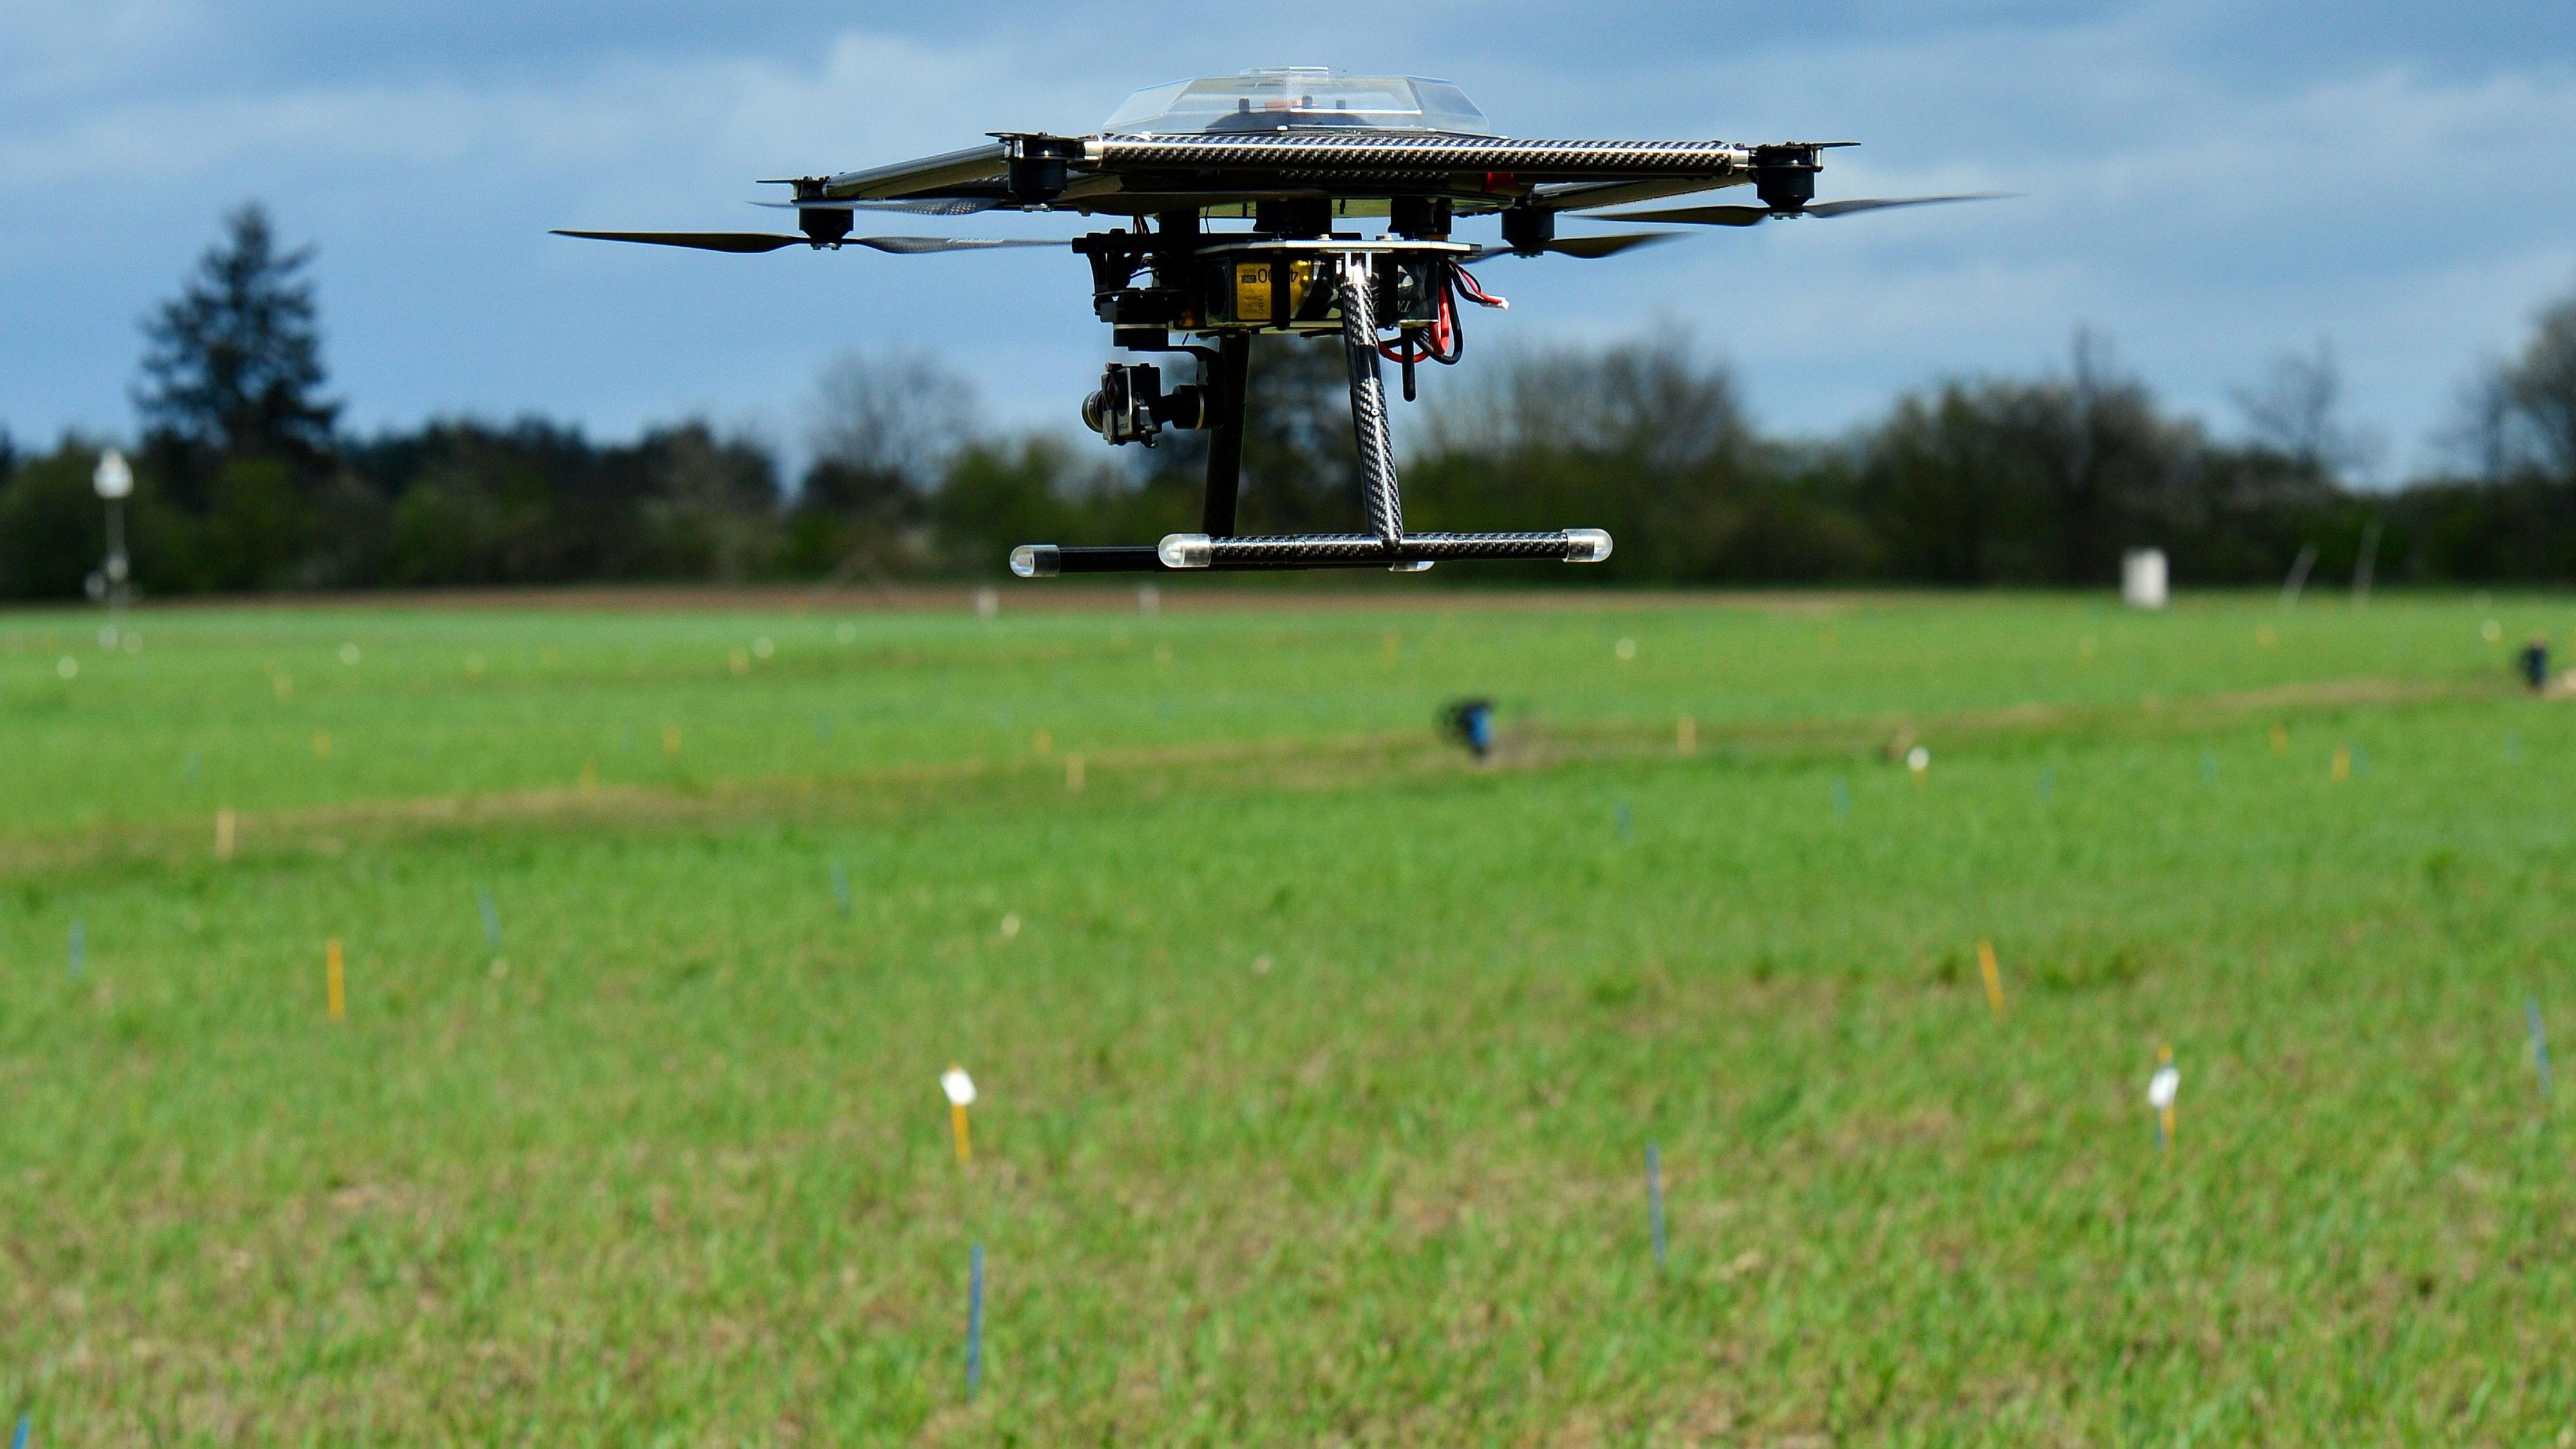 Aufbruch in die Zukunft: Drohnen sind wichtige Hilfsmittel bei der Sammlung von Daten im Pflanzenbau. Symbolfoto: dpa/Gambarini